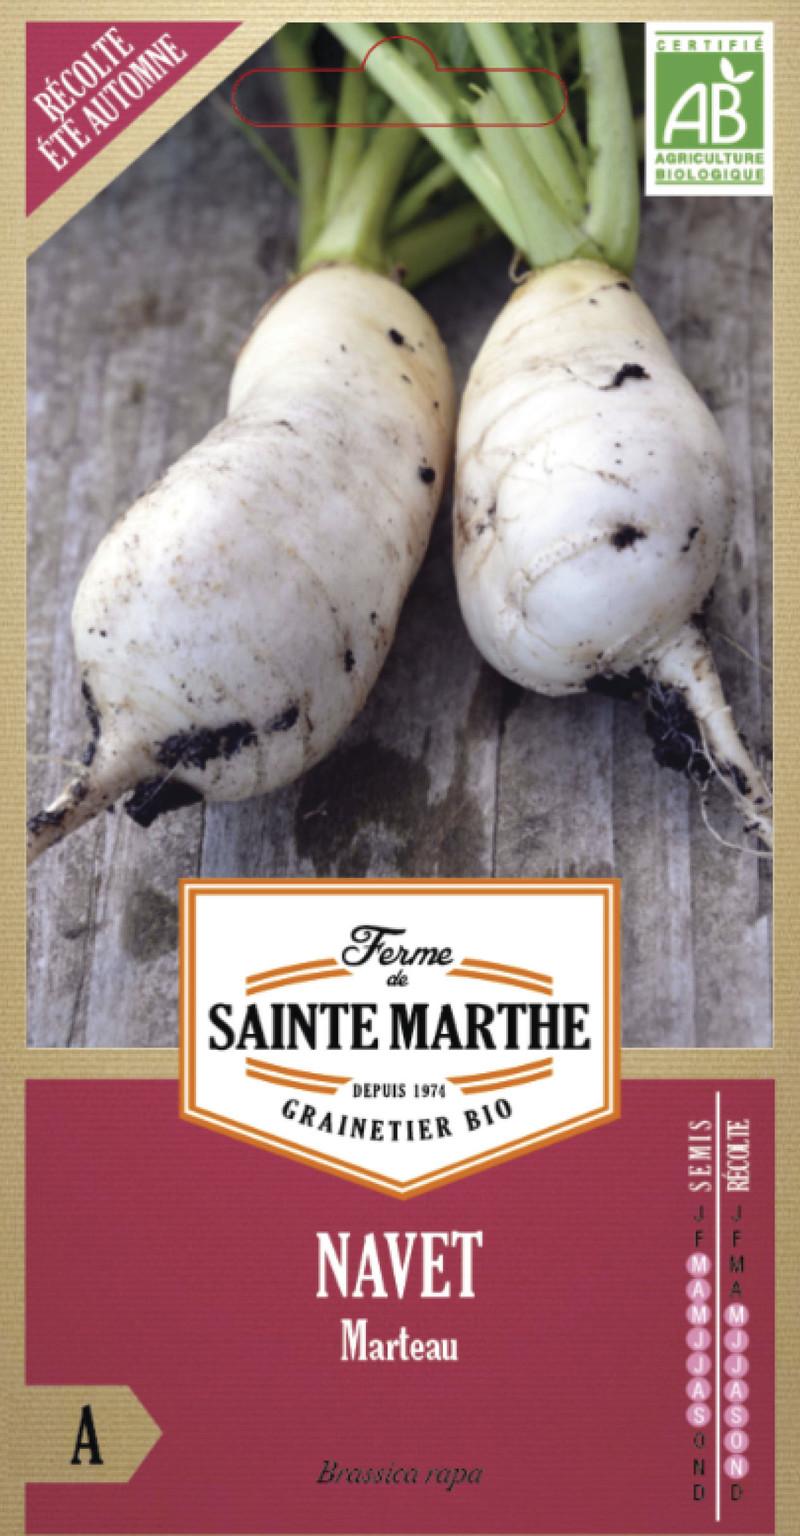 navet marteau bio la ferme de sainte marthe graine semence potager sachet semis - Voir en grand